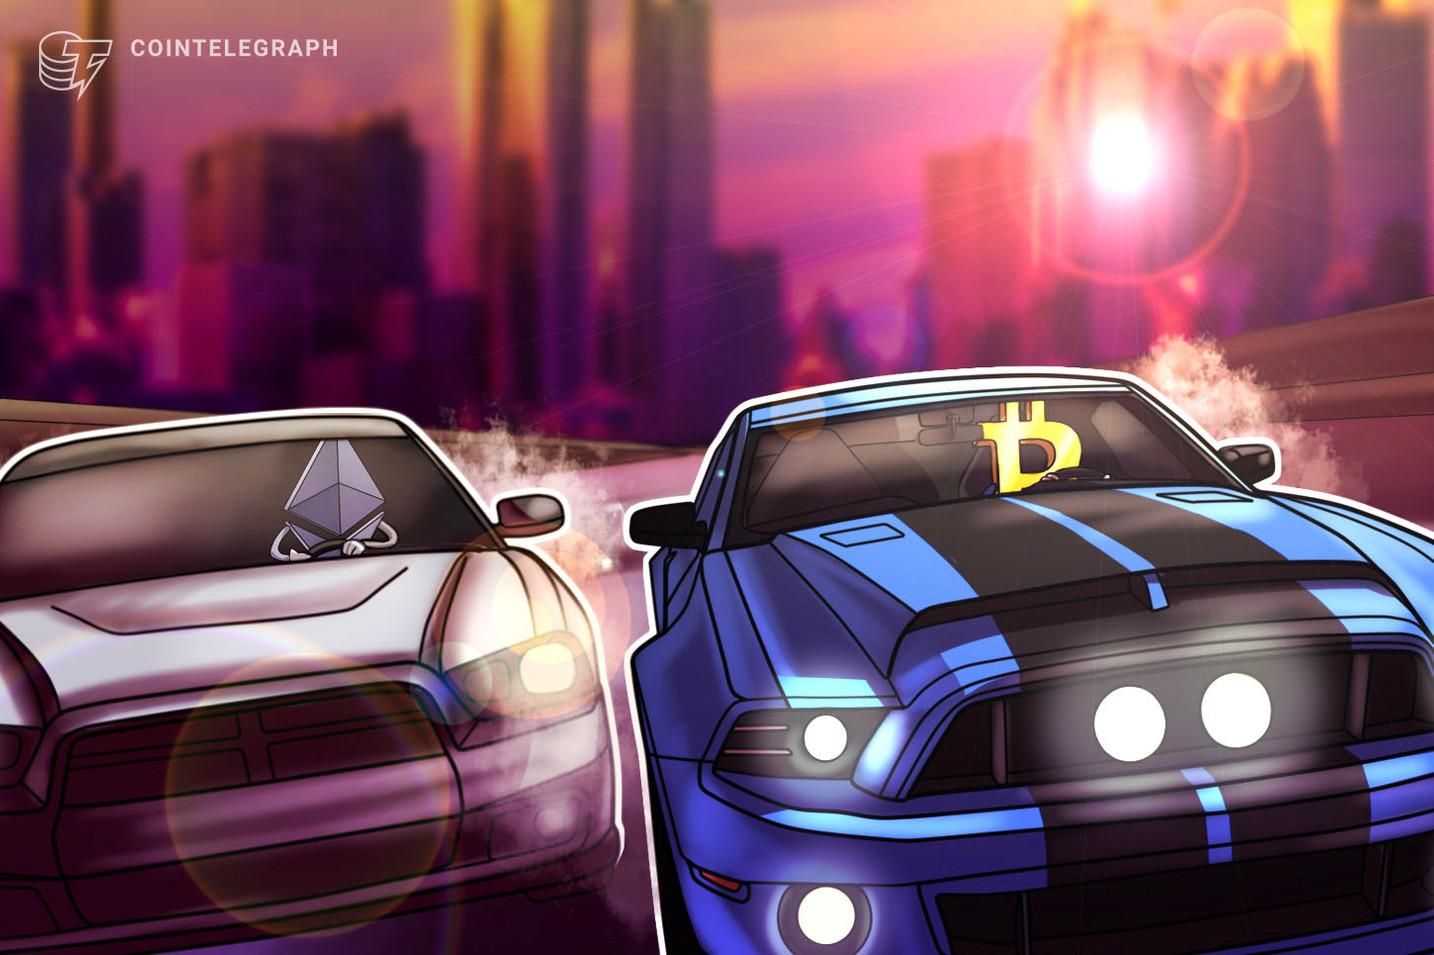 Ethereum agora rivaliza com Bitcoin em valor de transferências diárias